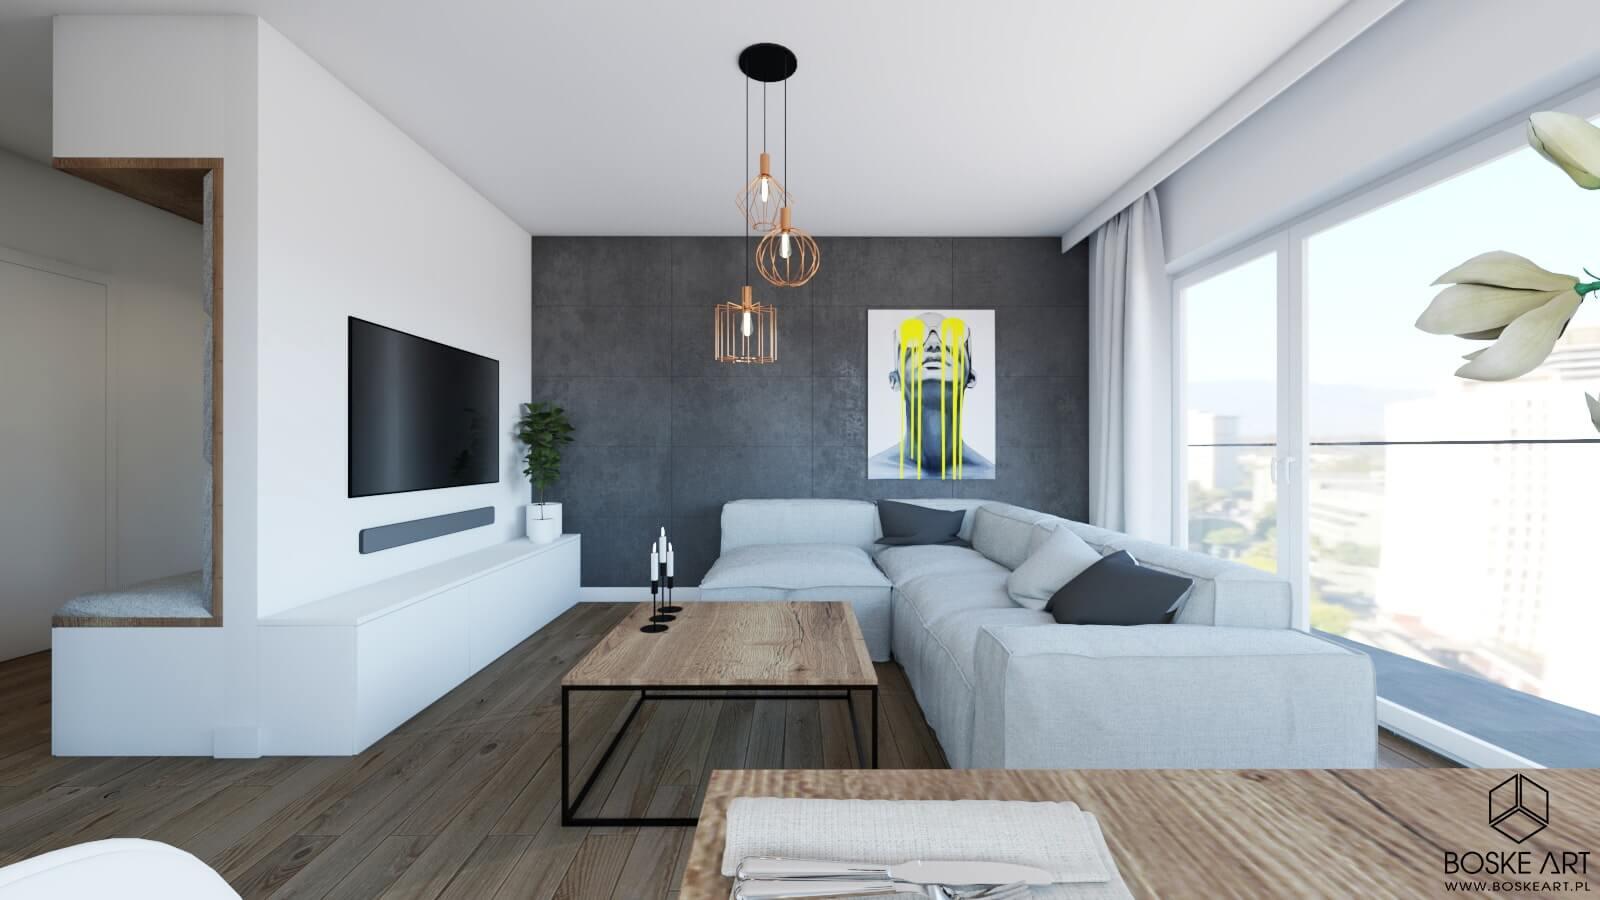 1_mieszkanie_poznan_boske_art_projektowanie_wnetrz_architektura_natalia_robaszkiewicz-min